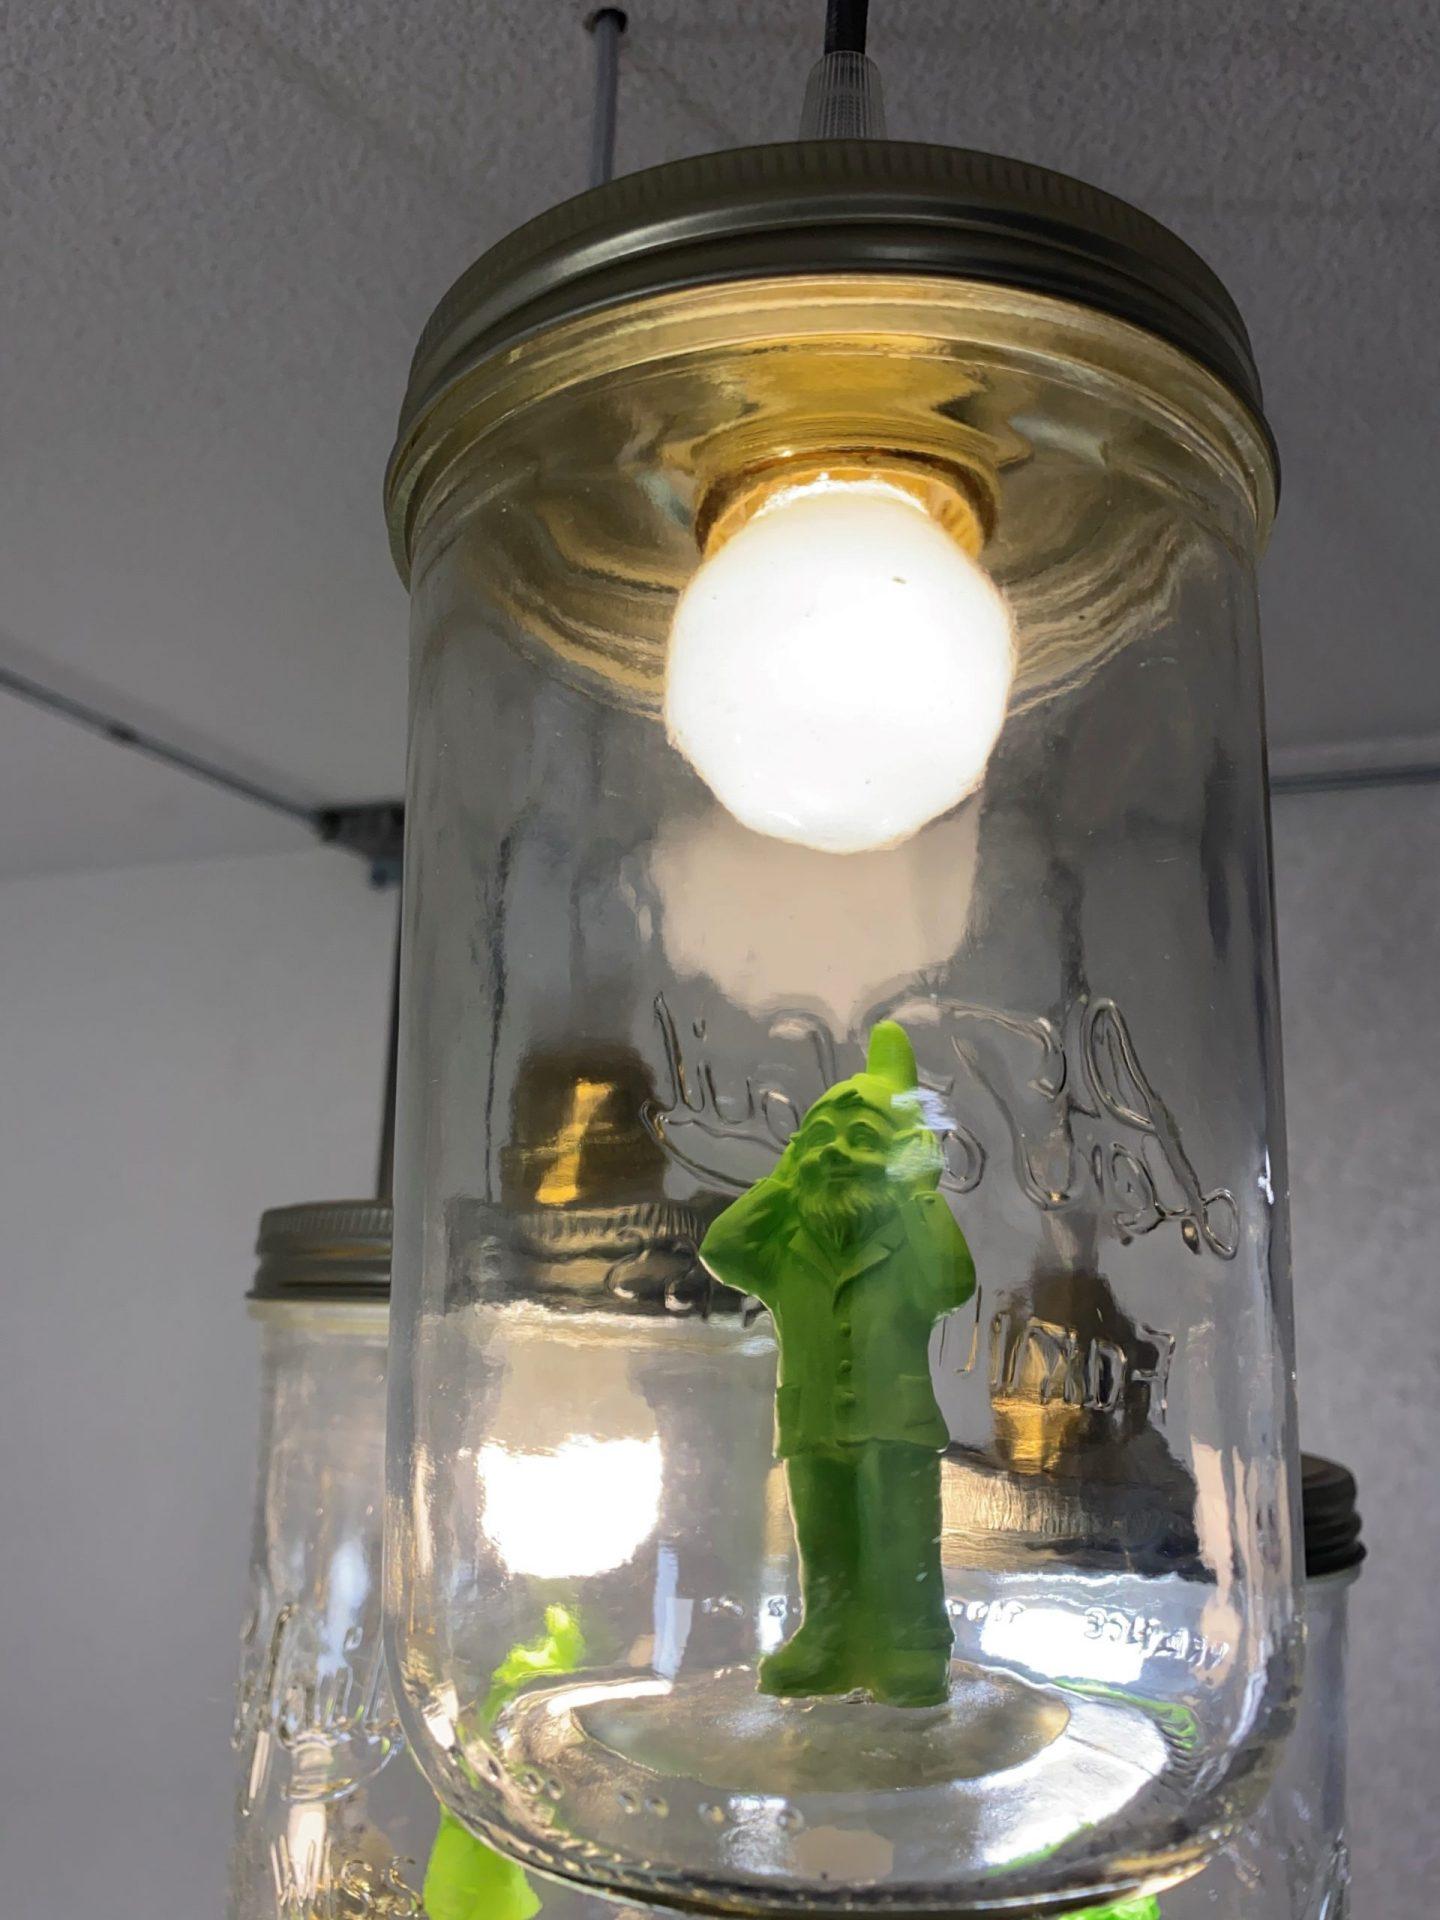 Image de reproductions d'une figurine d'Ottmar Hörl en impression 3D mise en scène dans une lampe